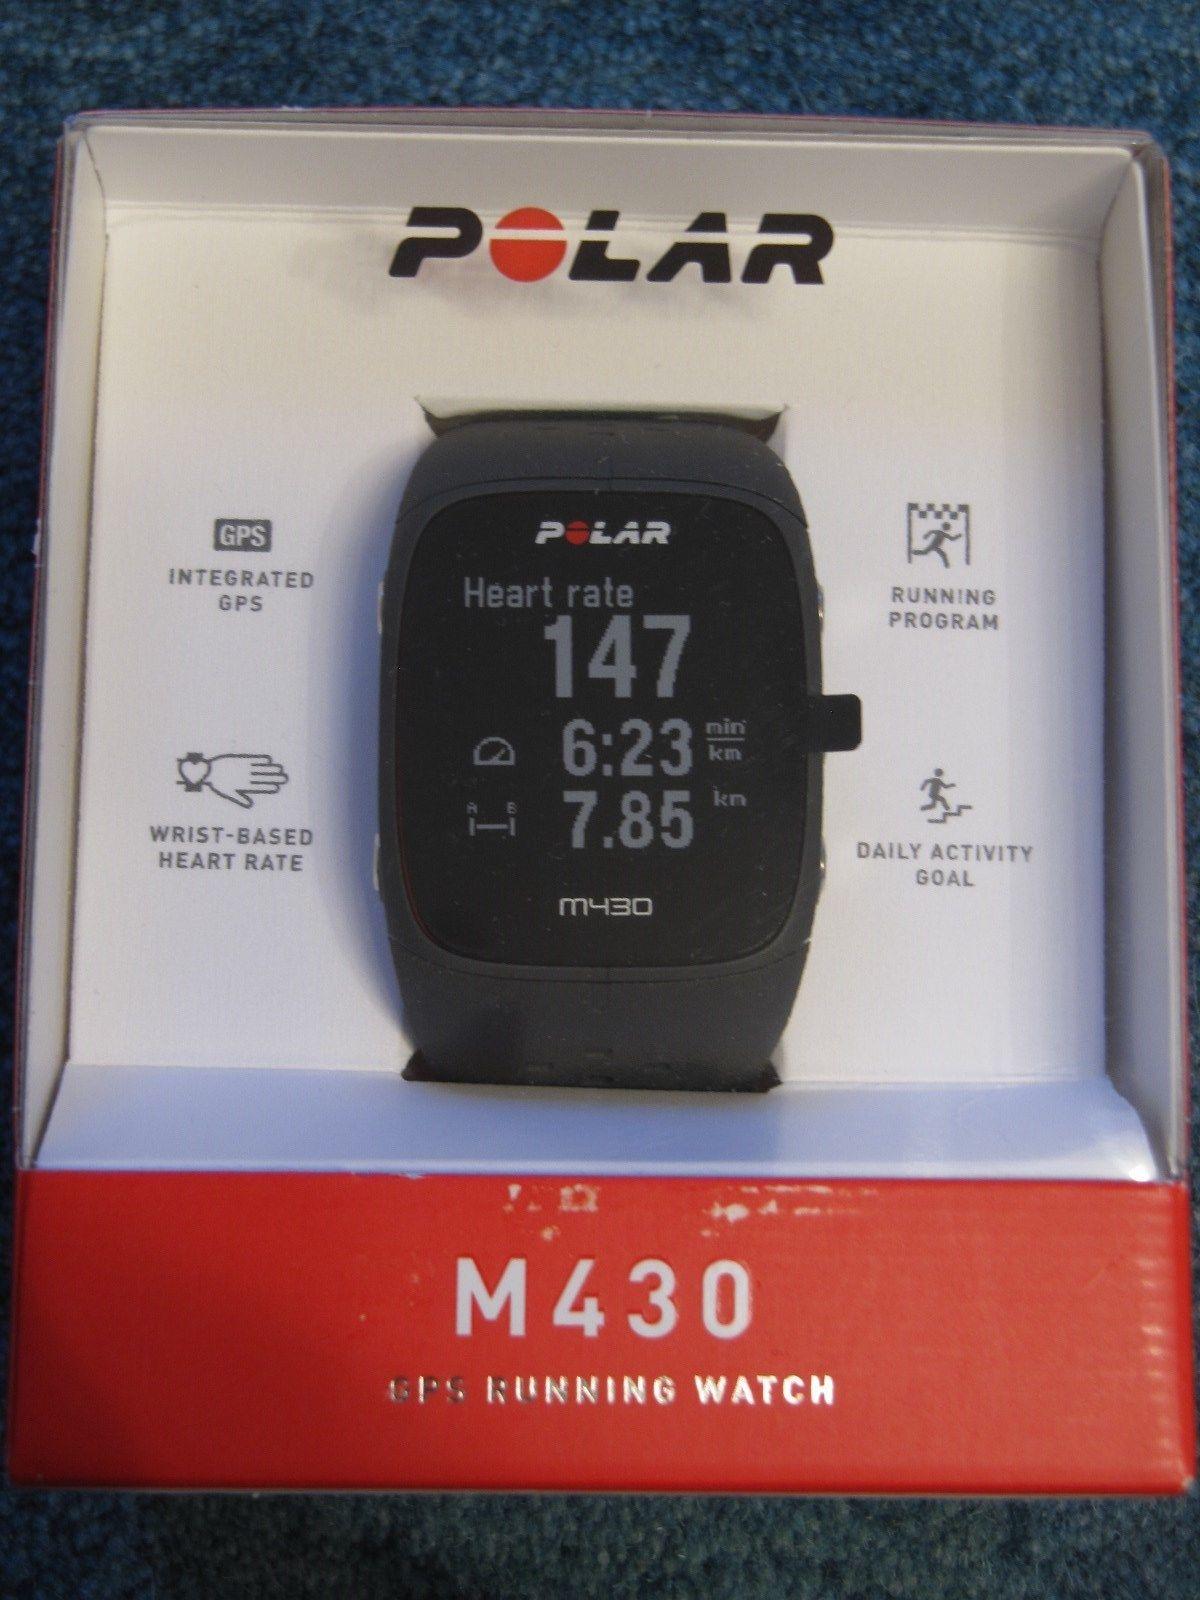 polar m430 Sportuhr Laufuhr, Pulsuhr mit GPS, neu OVP anthrazit,nicht aktiviert